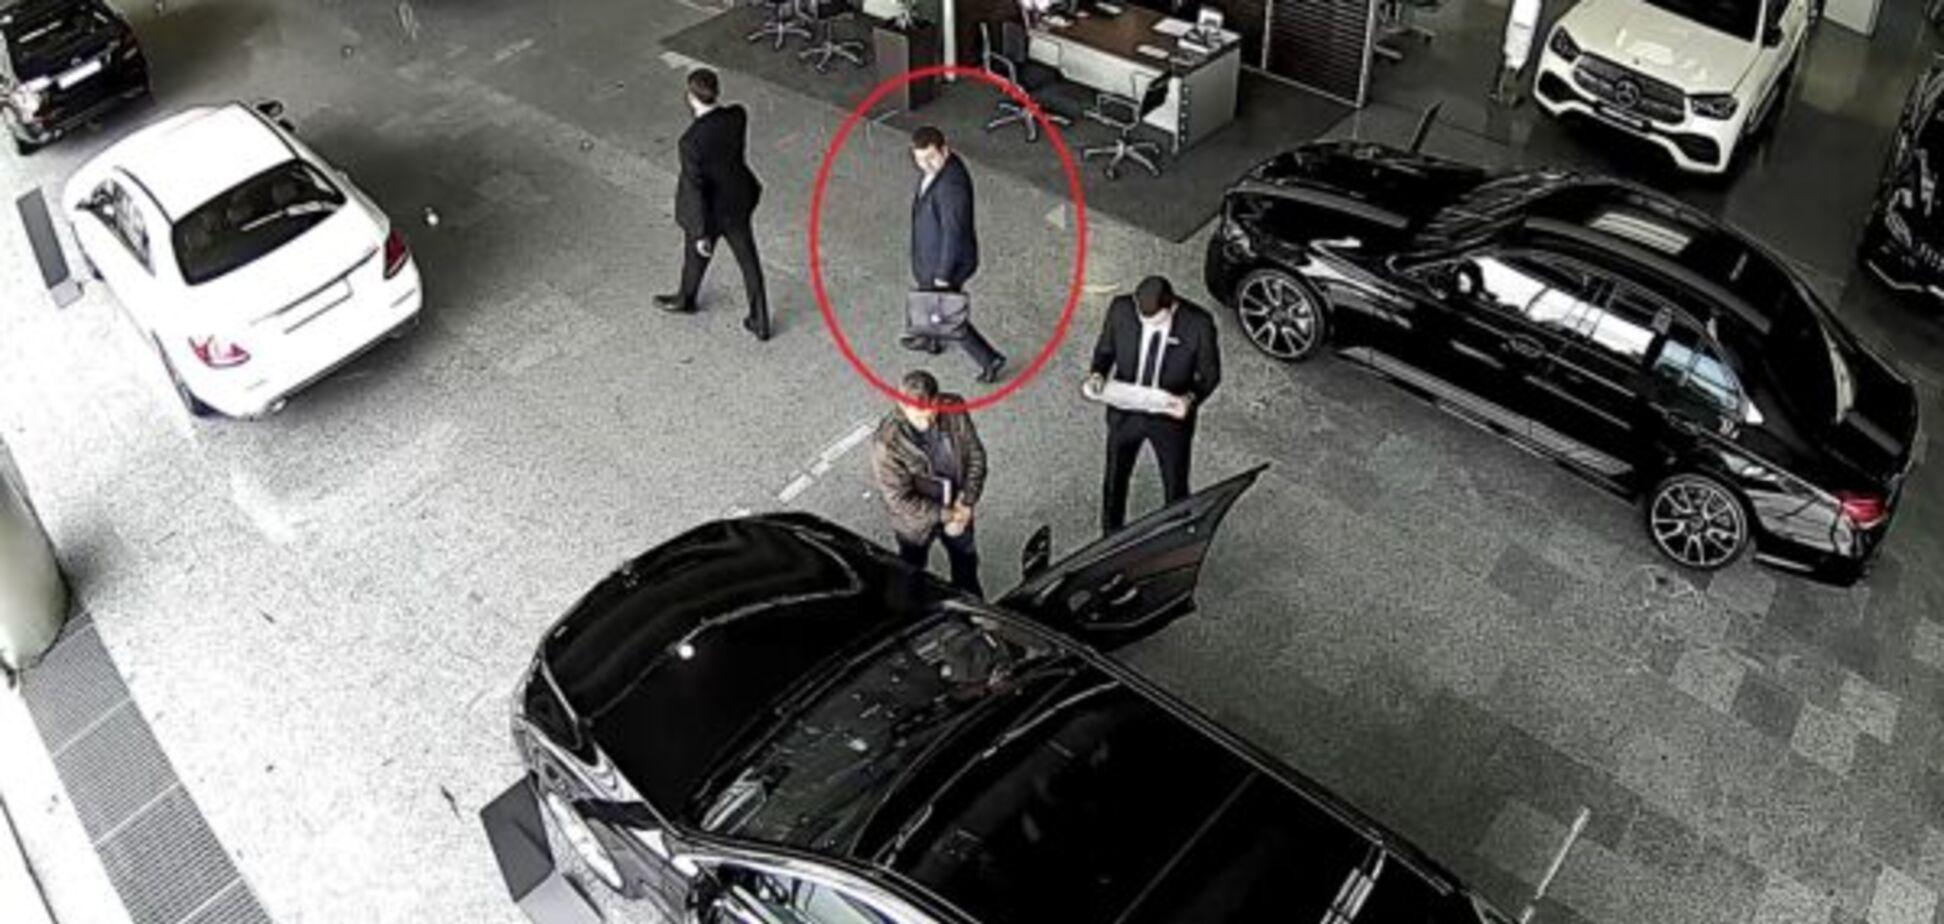 Київський прокурор перед затриманням на хабарі вибирав дорогий автомобіль